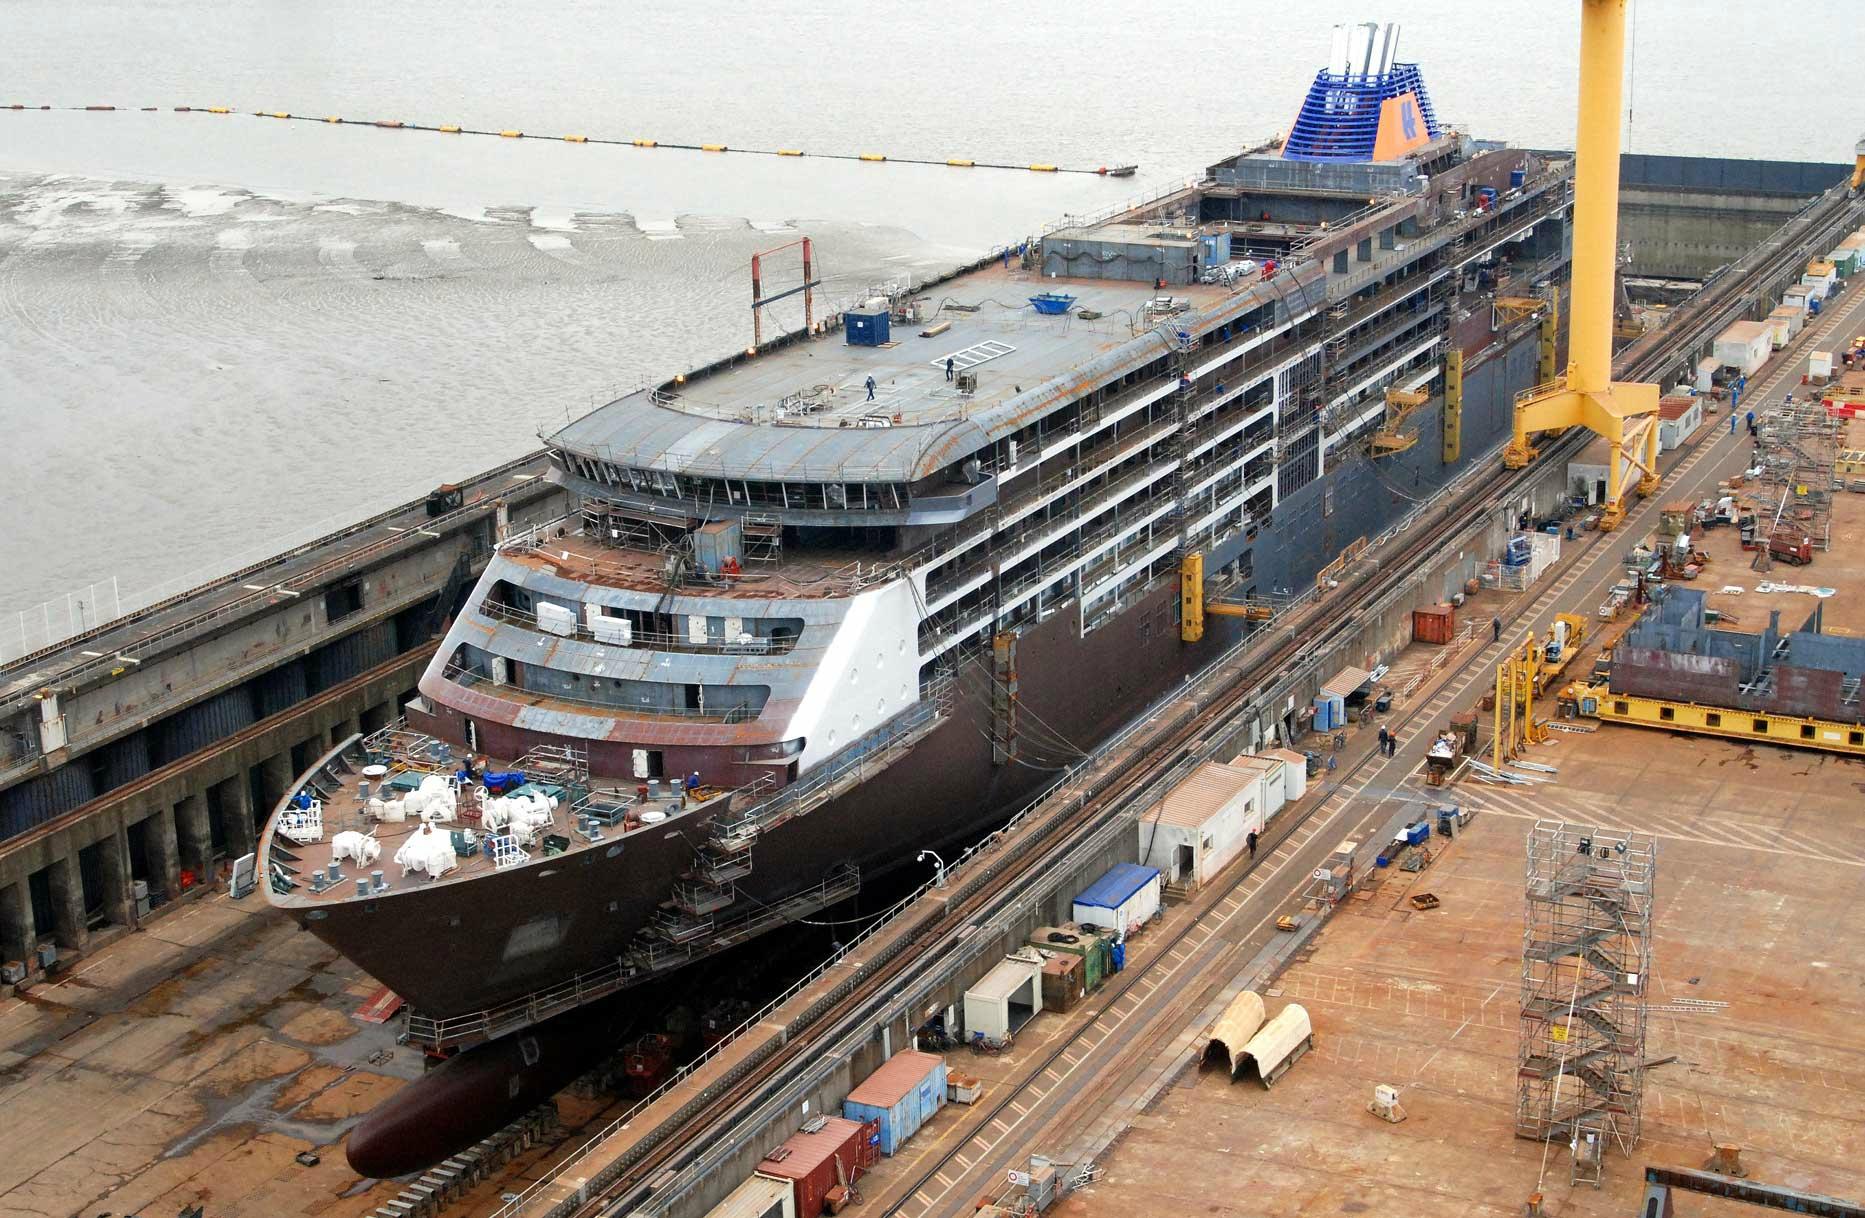 News sur la navale mondiale (les chantiers de constructions navales) 86274839_o